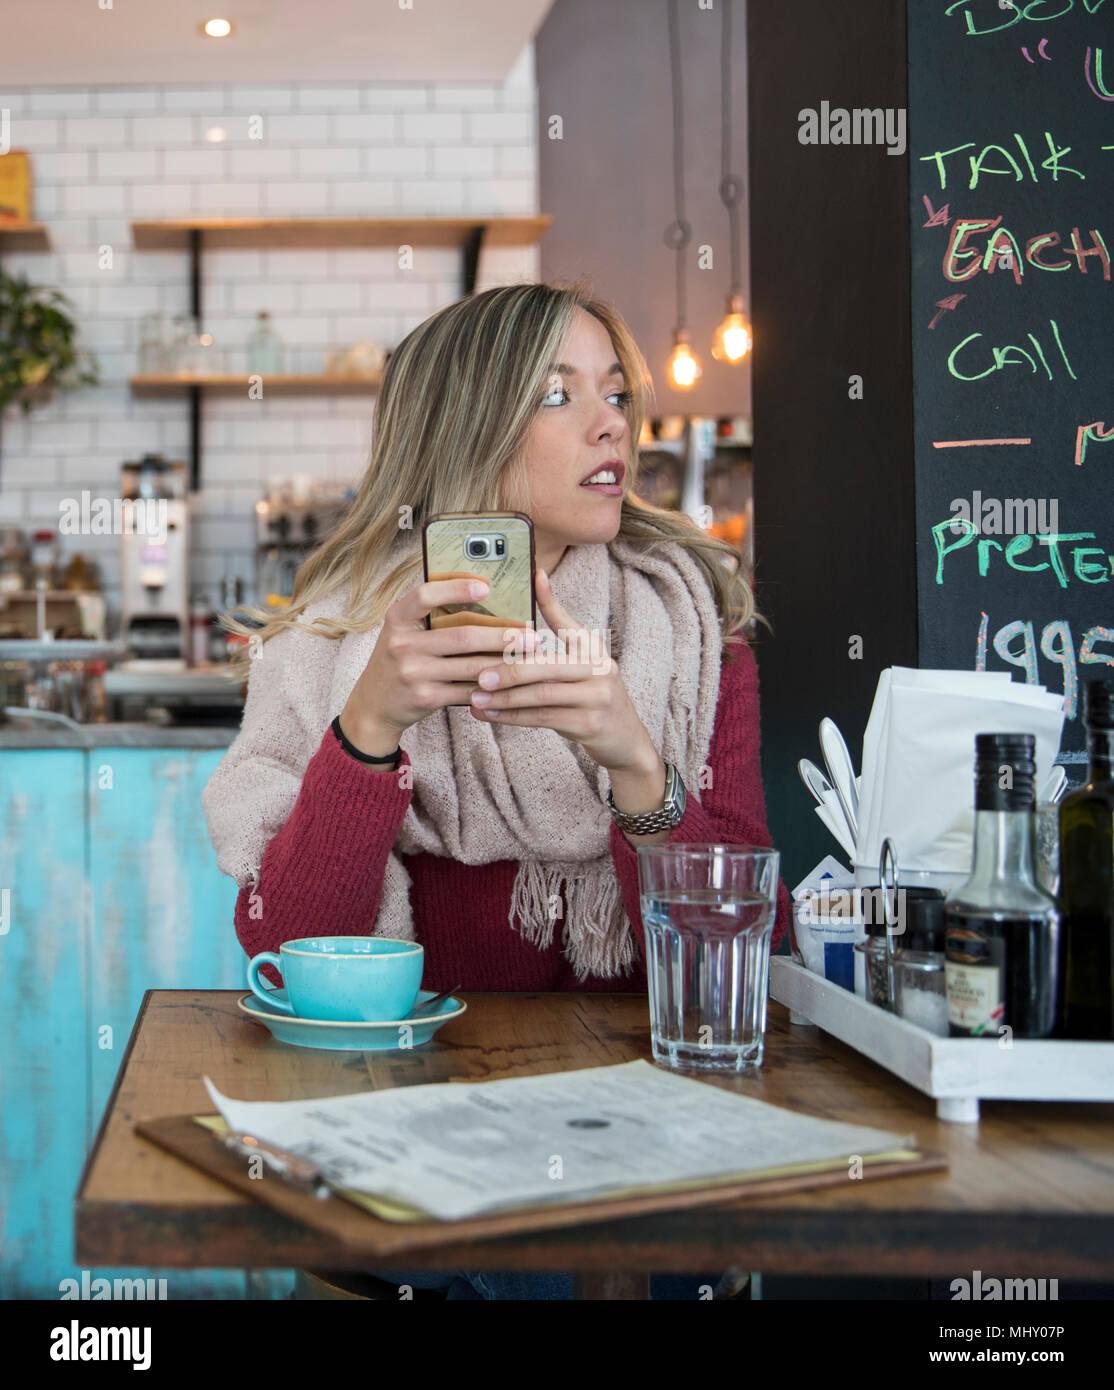 Mujer sentada en el café, sujetando el smartphone, mirando lejos Foto de stock